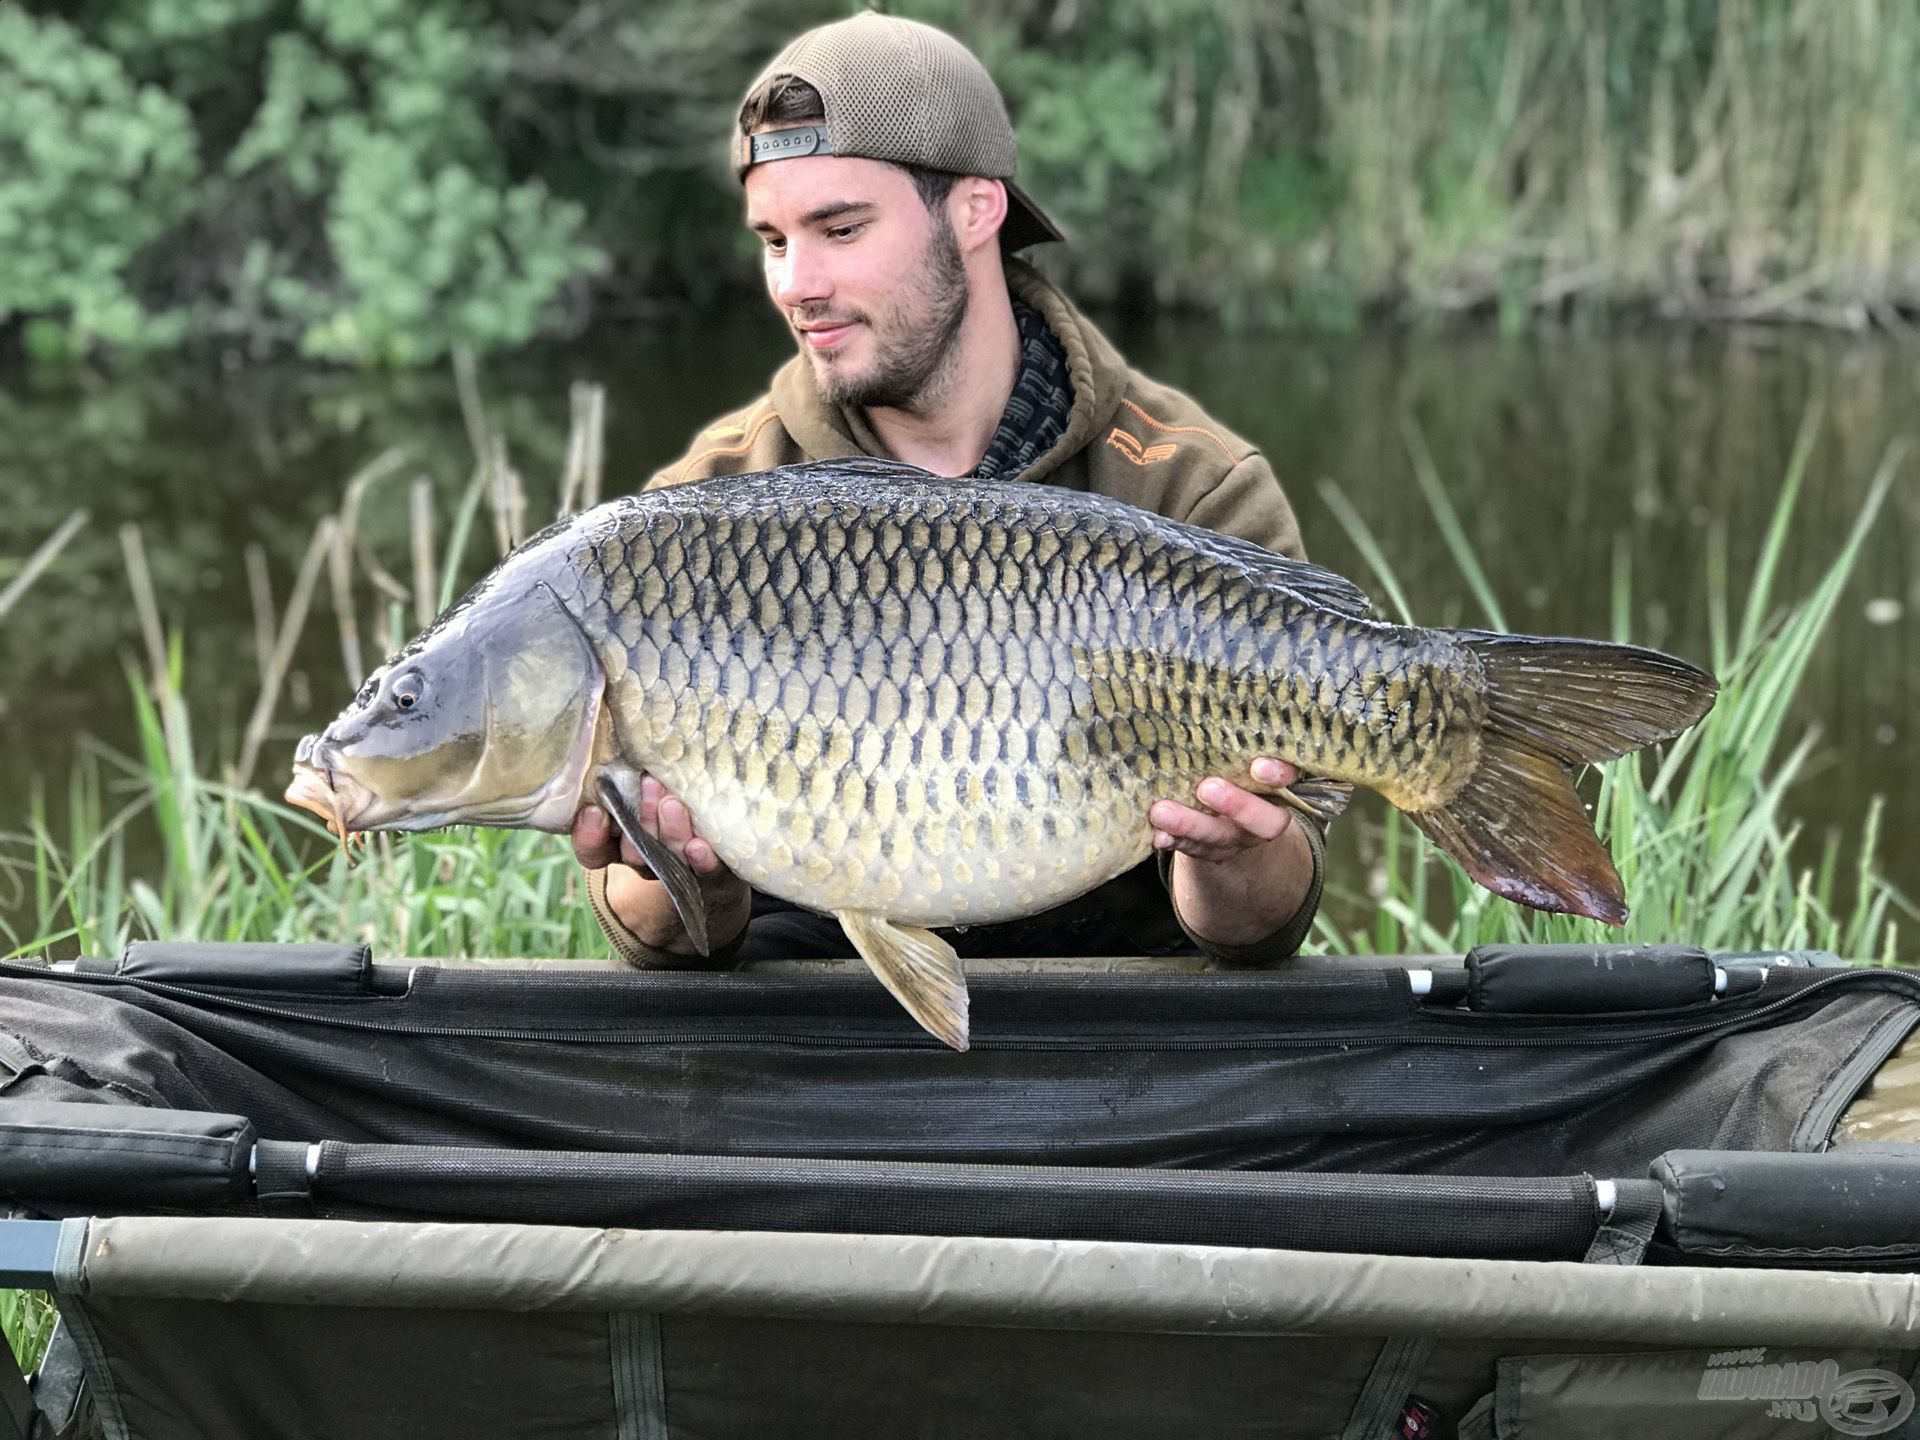 A túra legszebb és legnagyobb hala ez a 12 kg-os töves volt